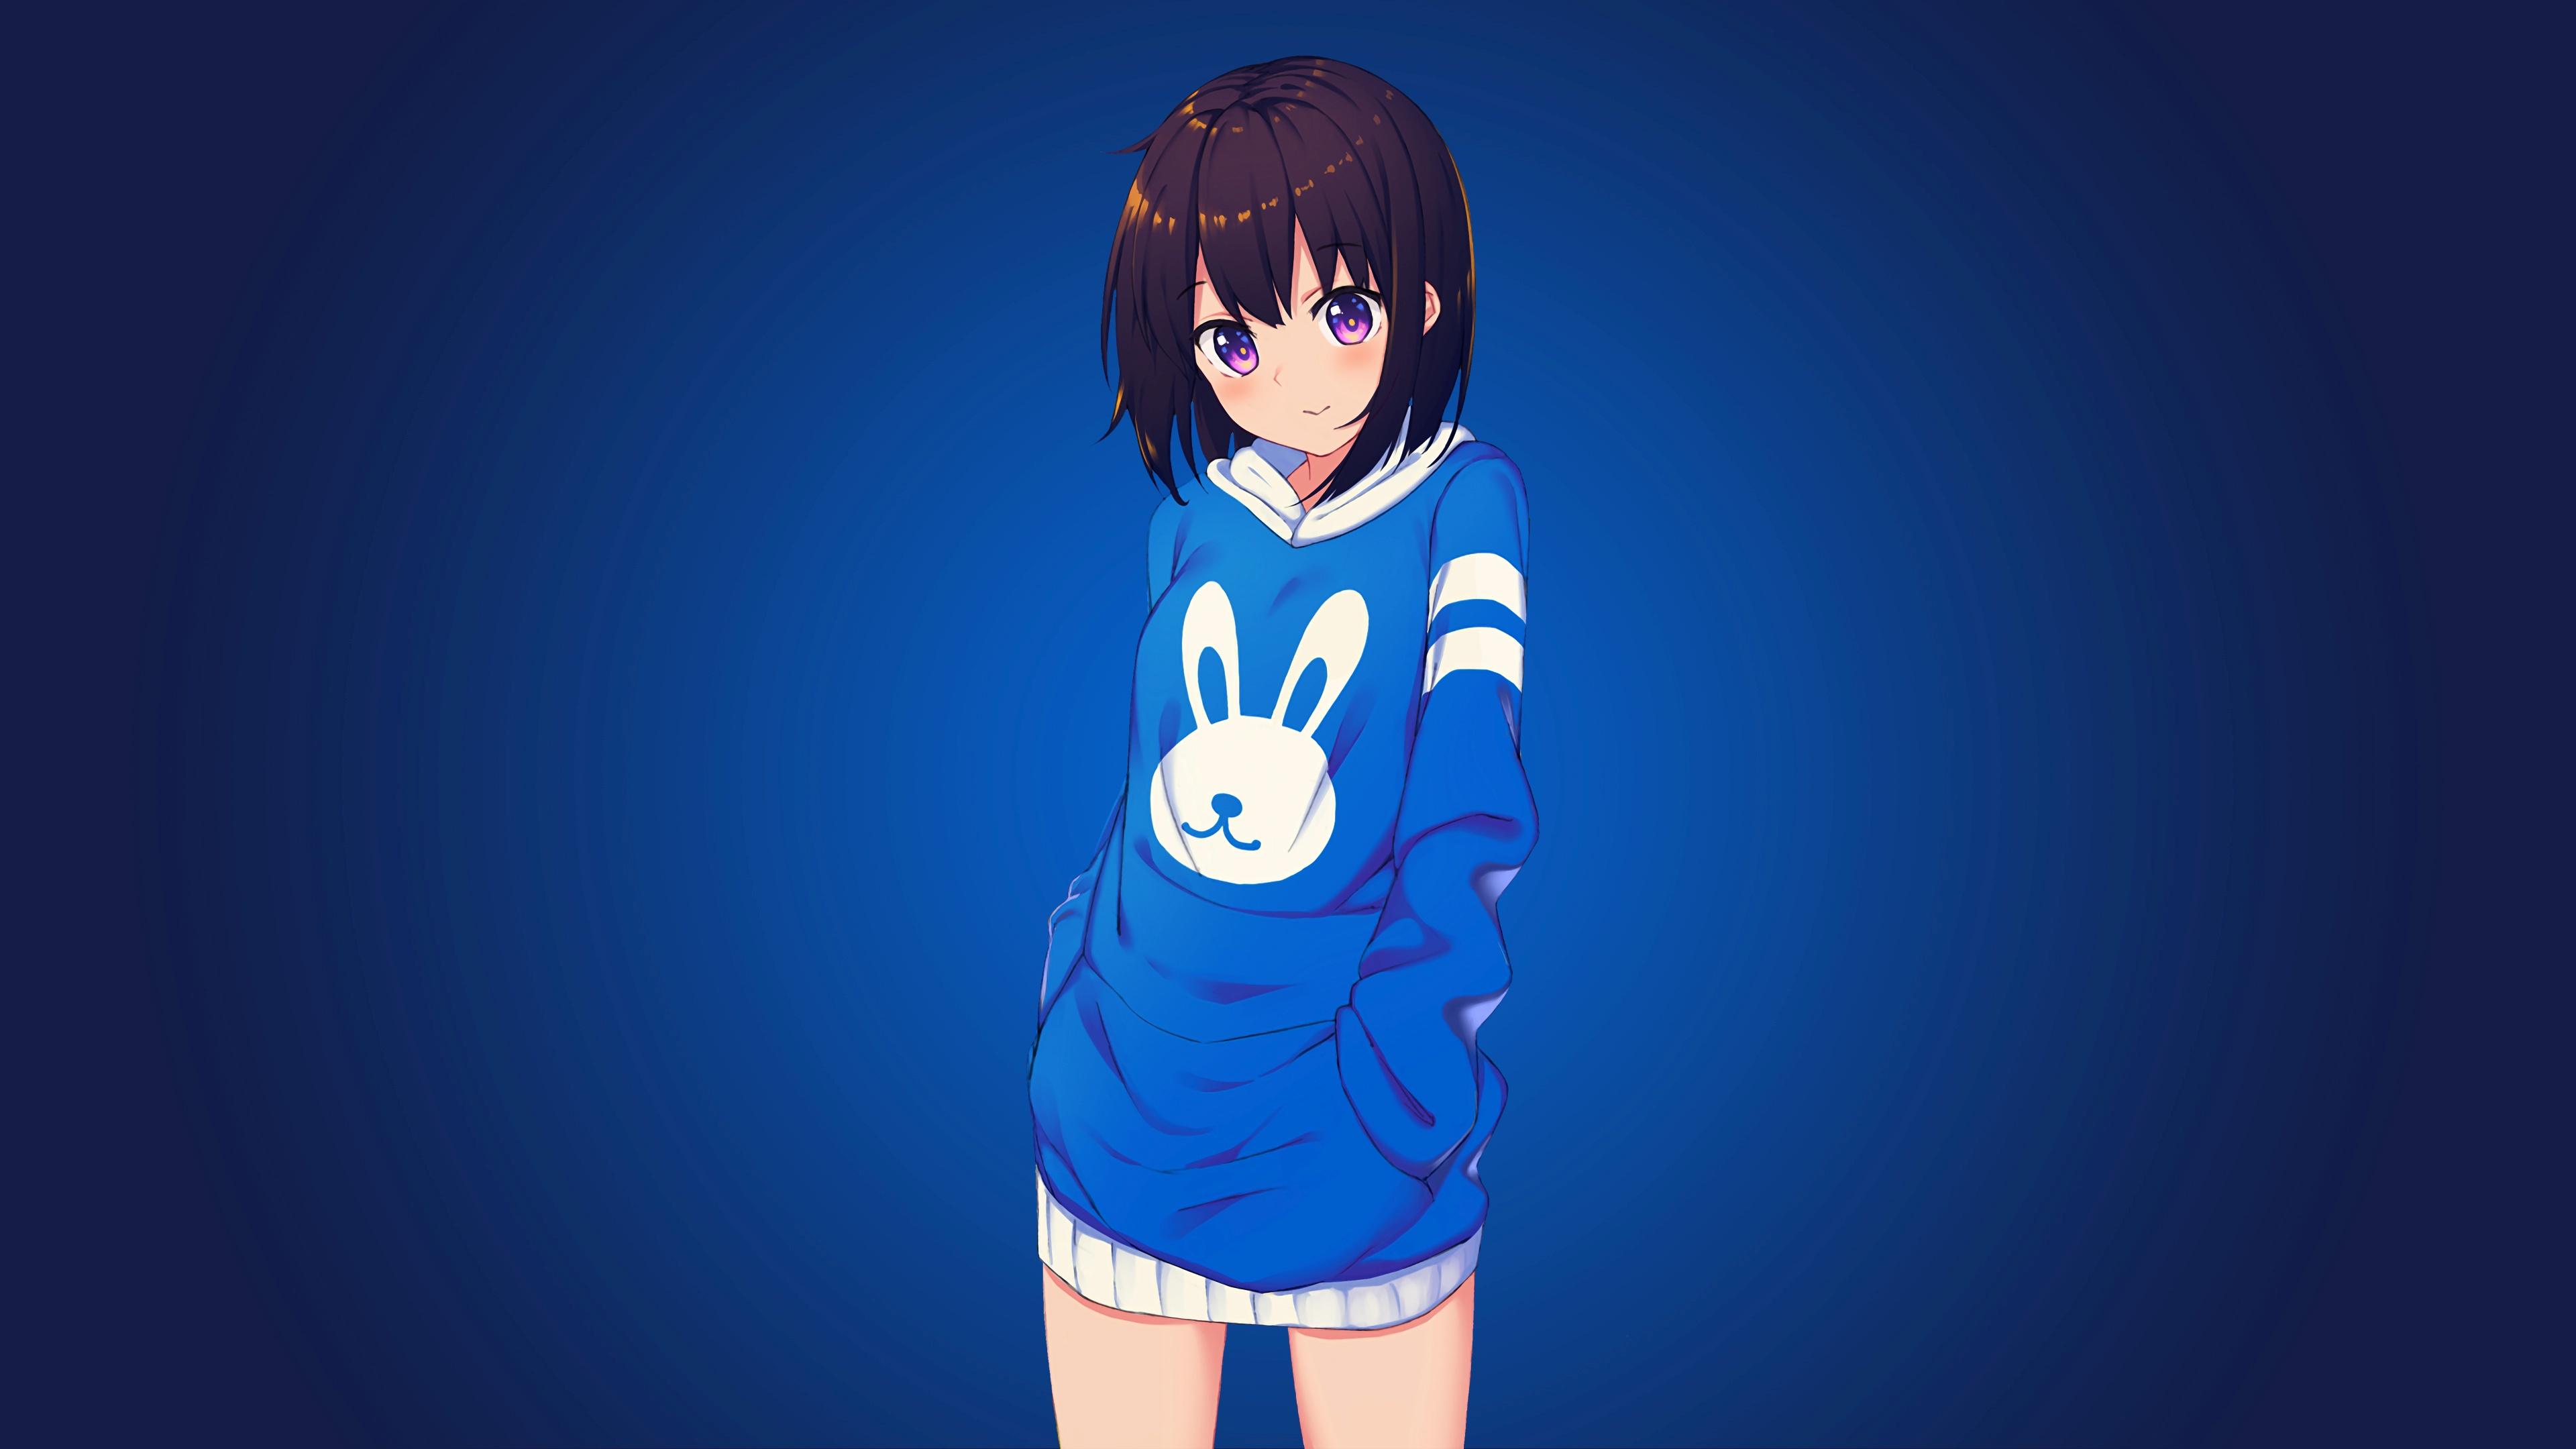 Anime Girls For Windows laptop wallpaper